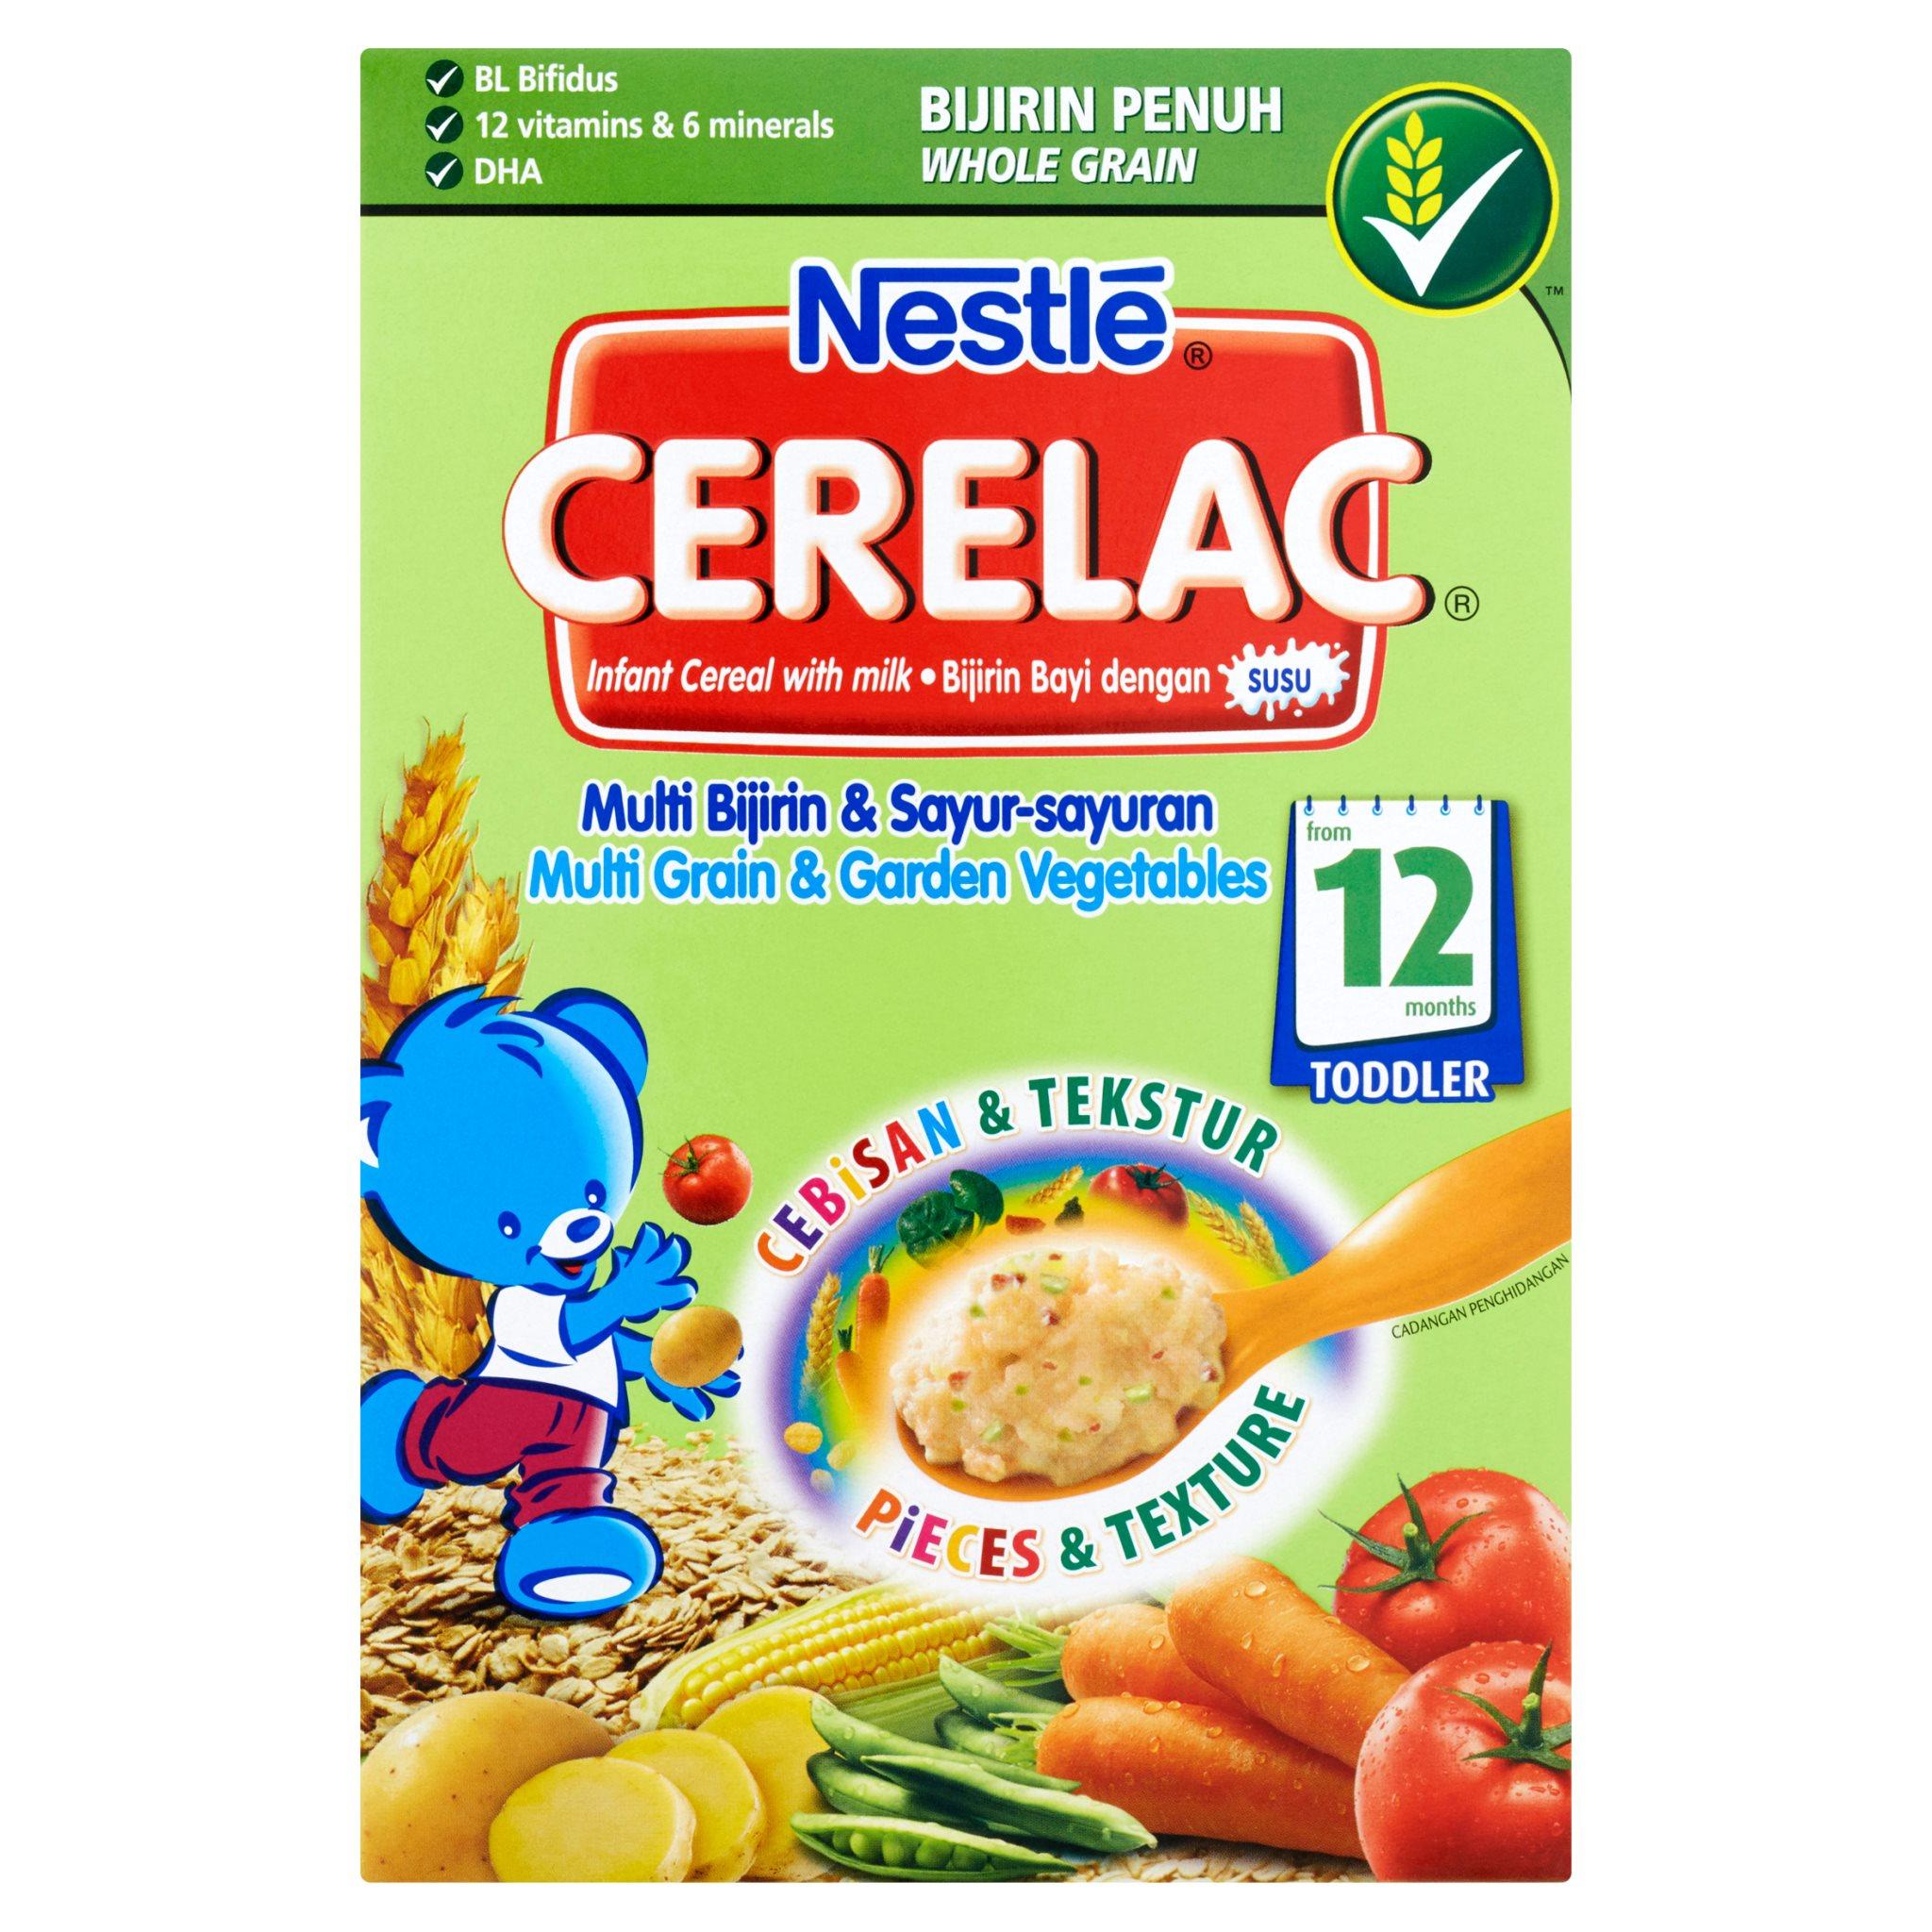 Nestle Cerelac - Multi Grain & Garden Vegetables (250g)